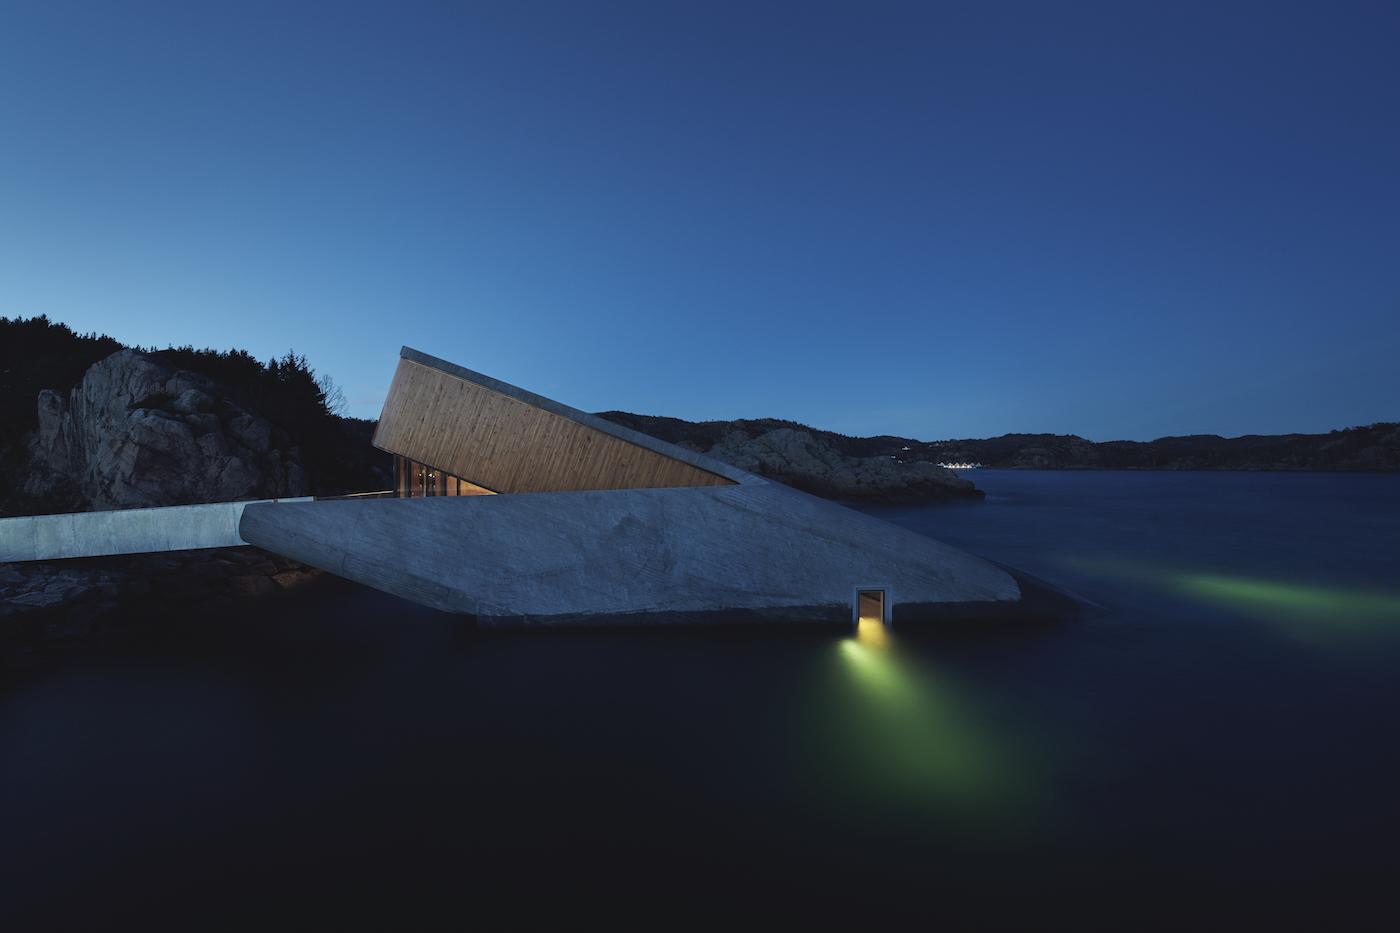 Vi ser restauranten udefra om aftenen og hvordan det særlige udendørs lysdesign giver en hel særlig oplevelse, når det er mørkt. Lyset fra havet får vanden til at ligne en nattehimmel med nordlys.